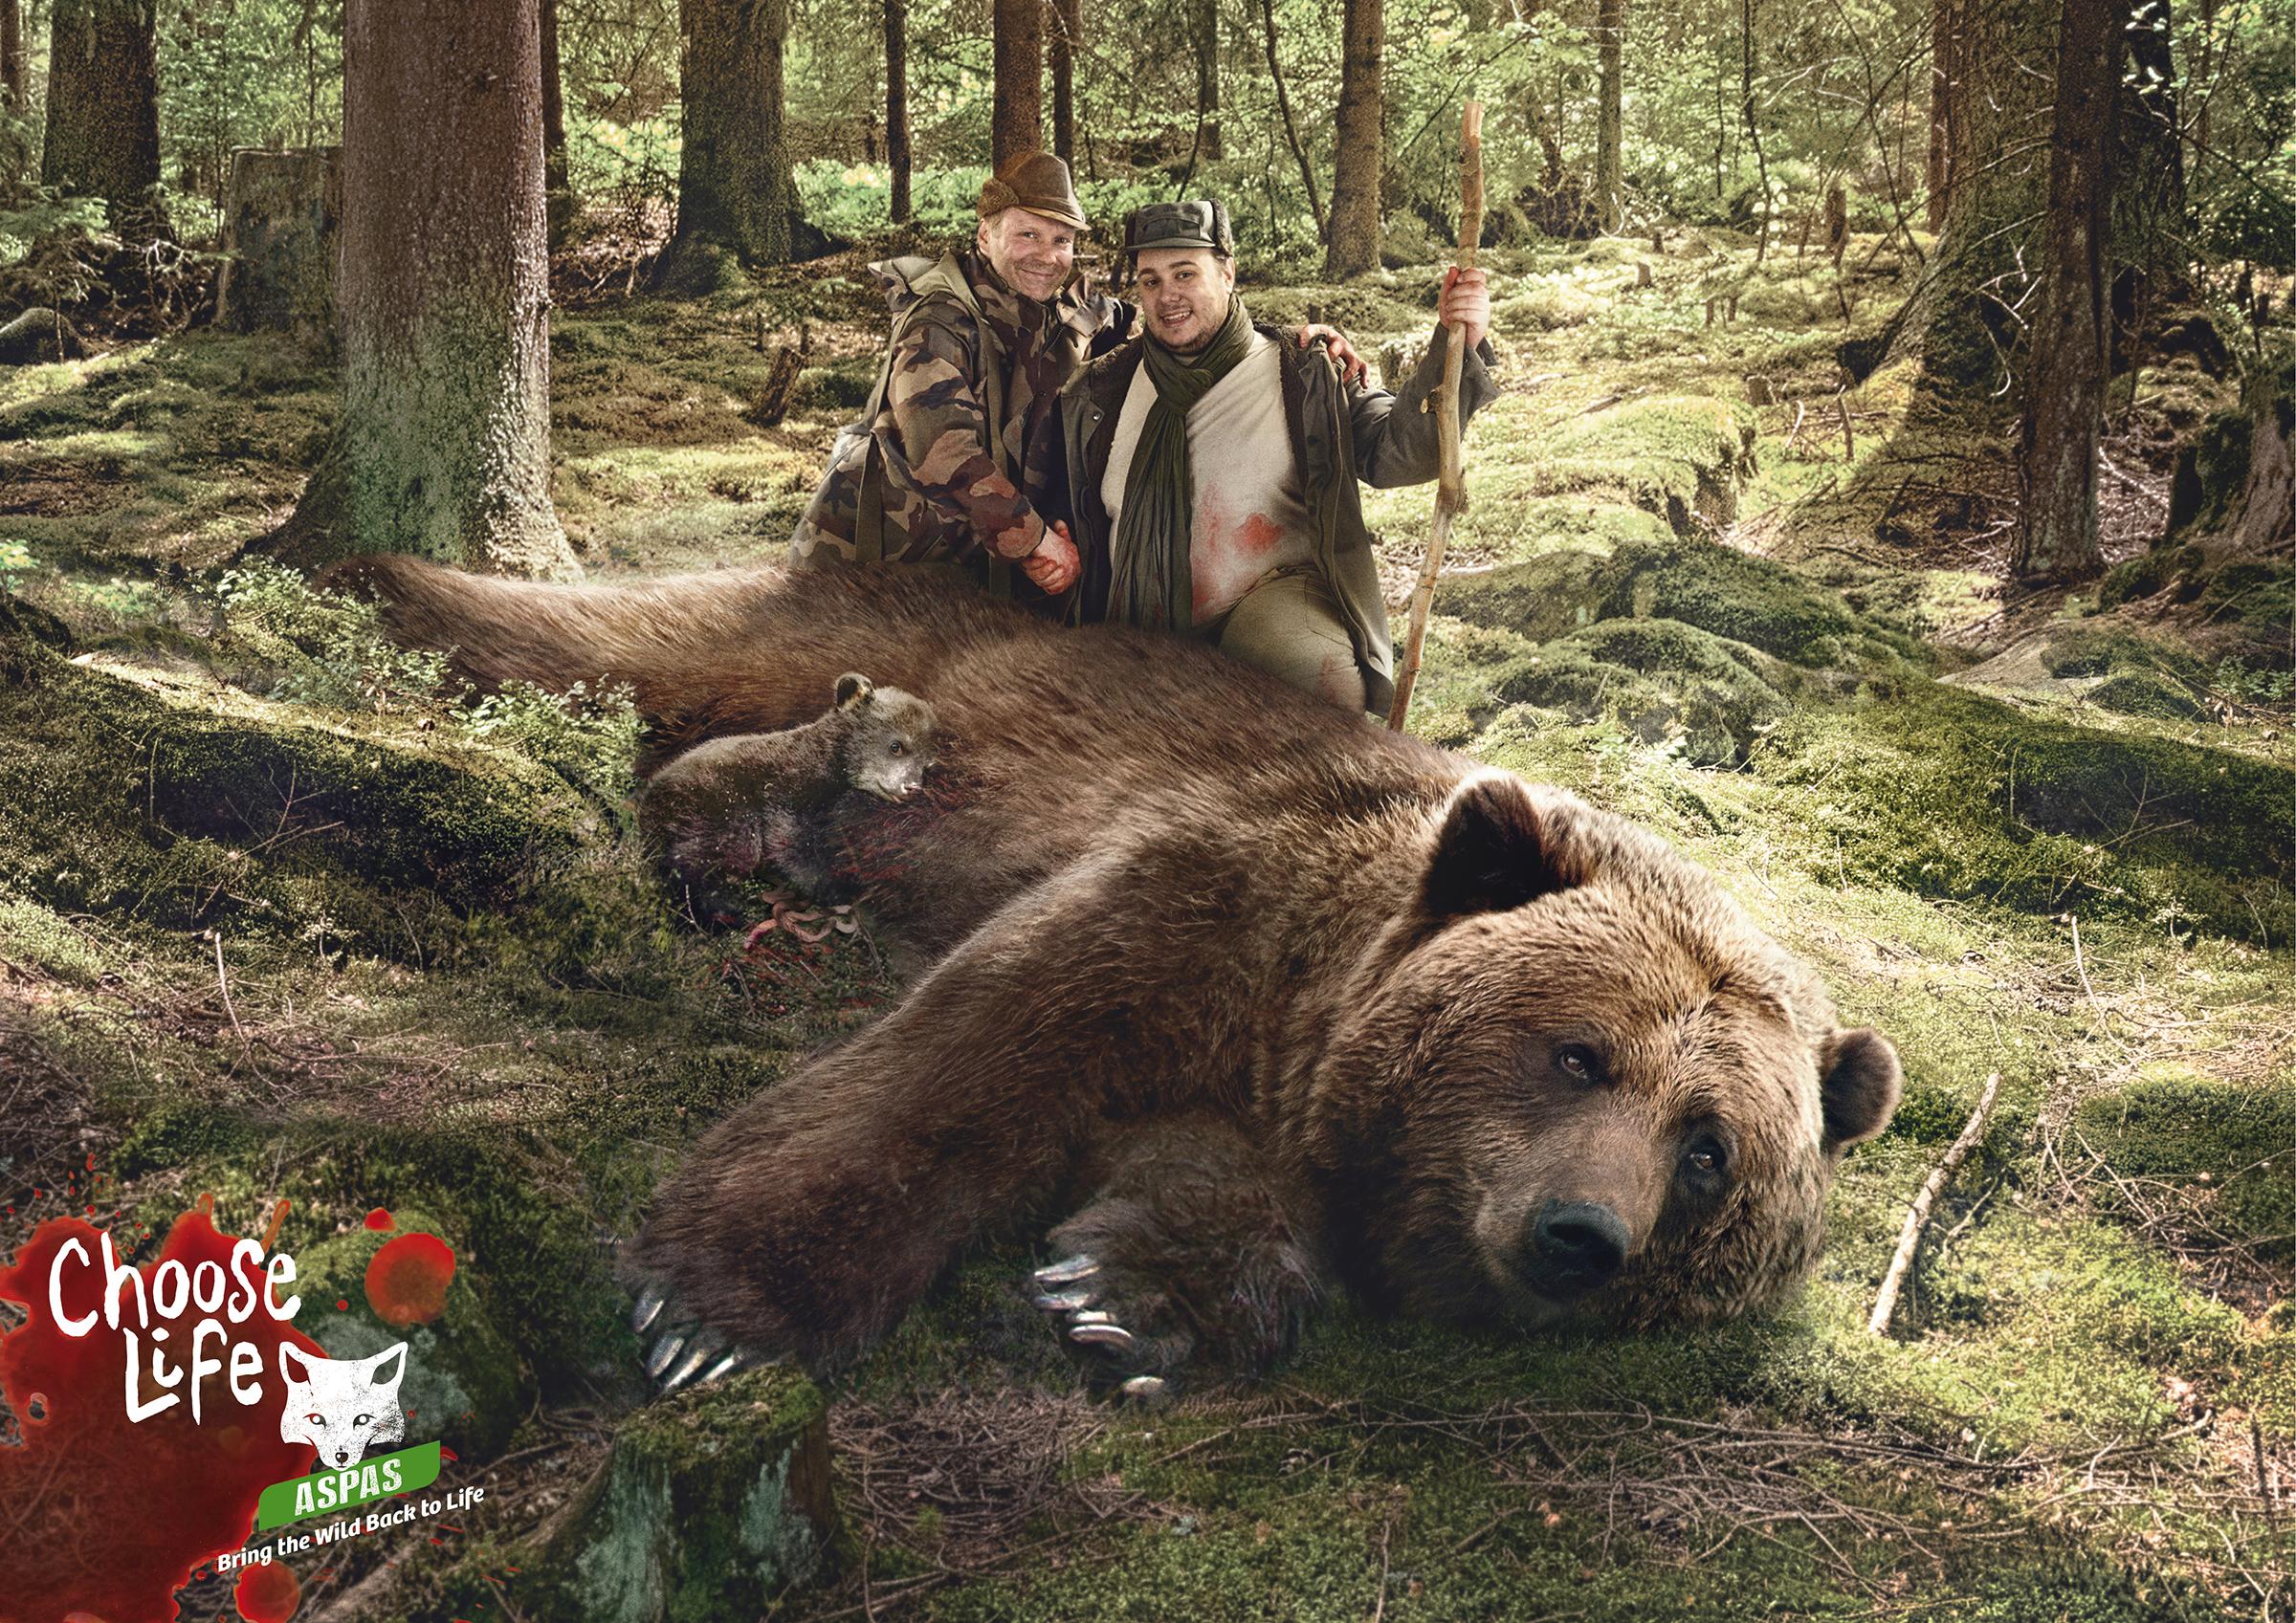 aspas print advert by y u0026r bear ads of the world